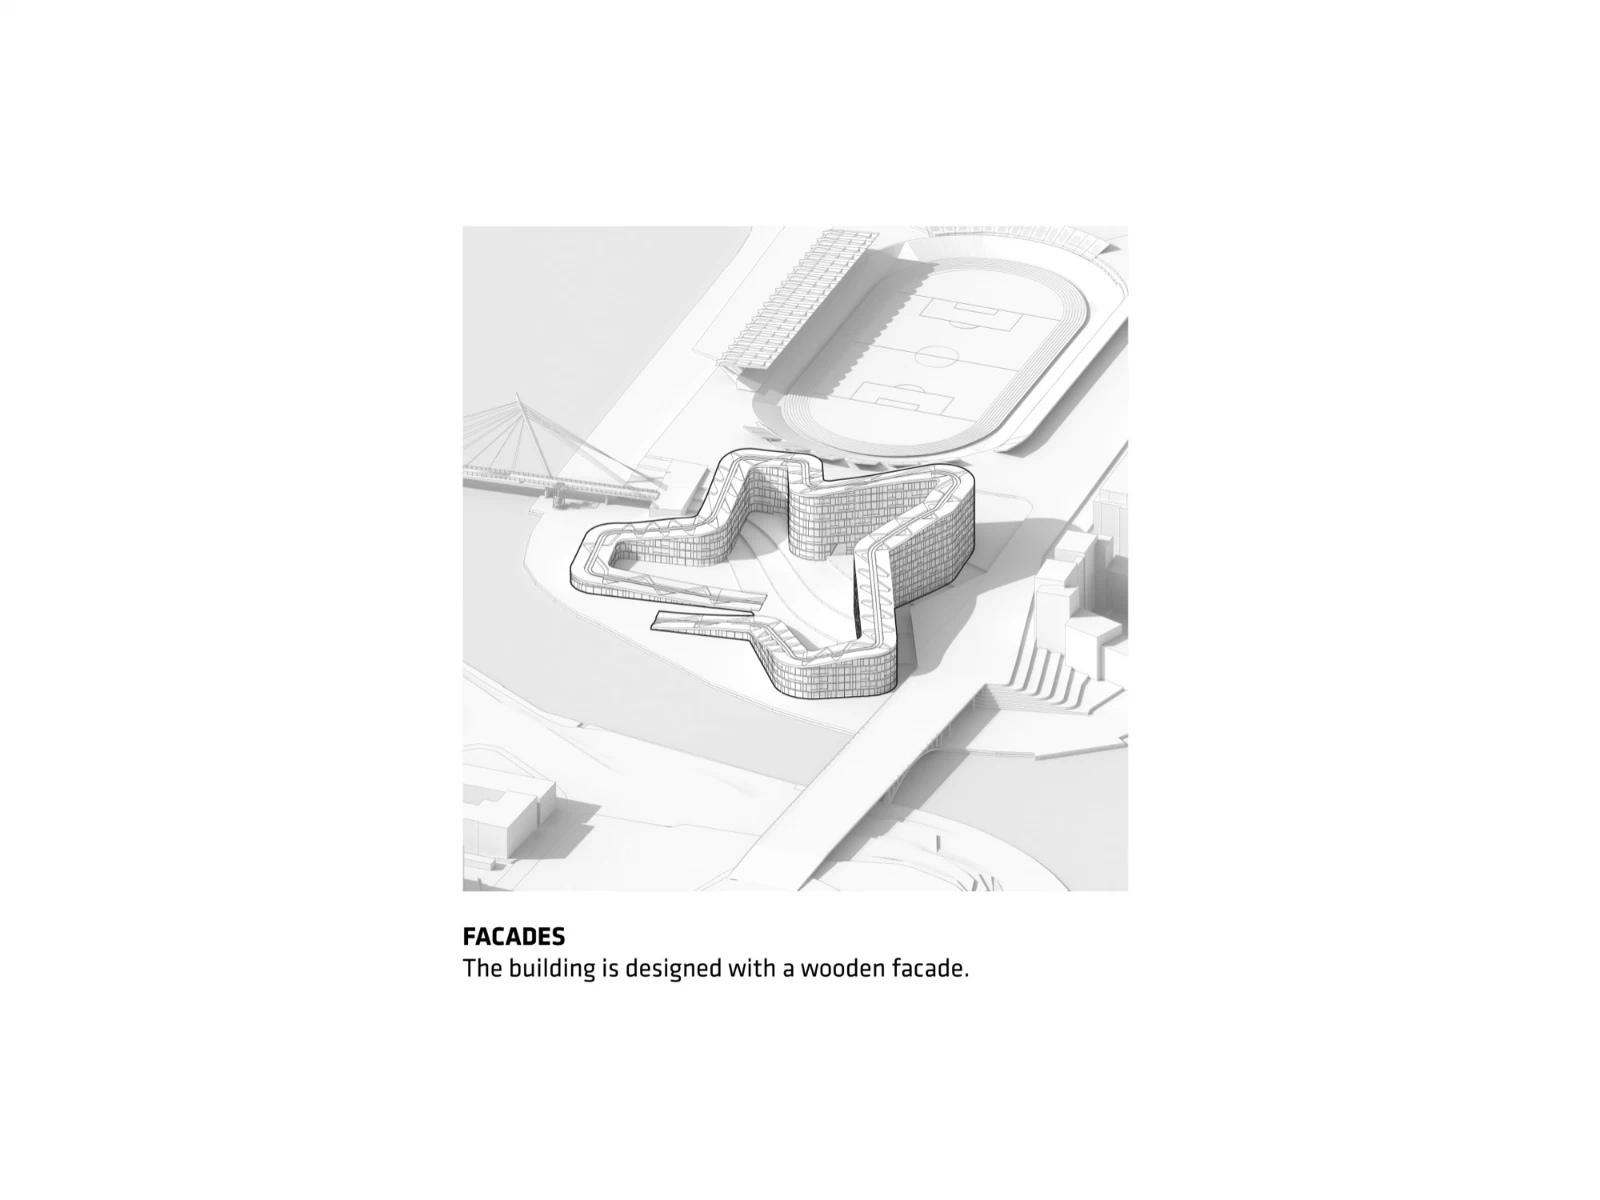 住宅设计—从概念到设计 (8)